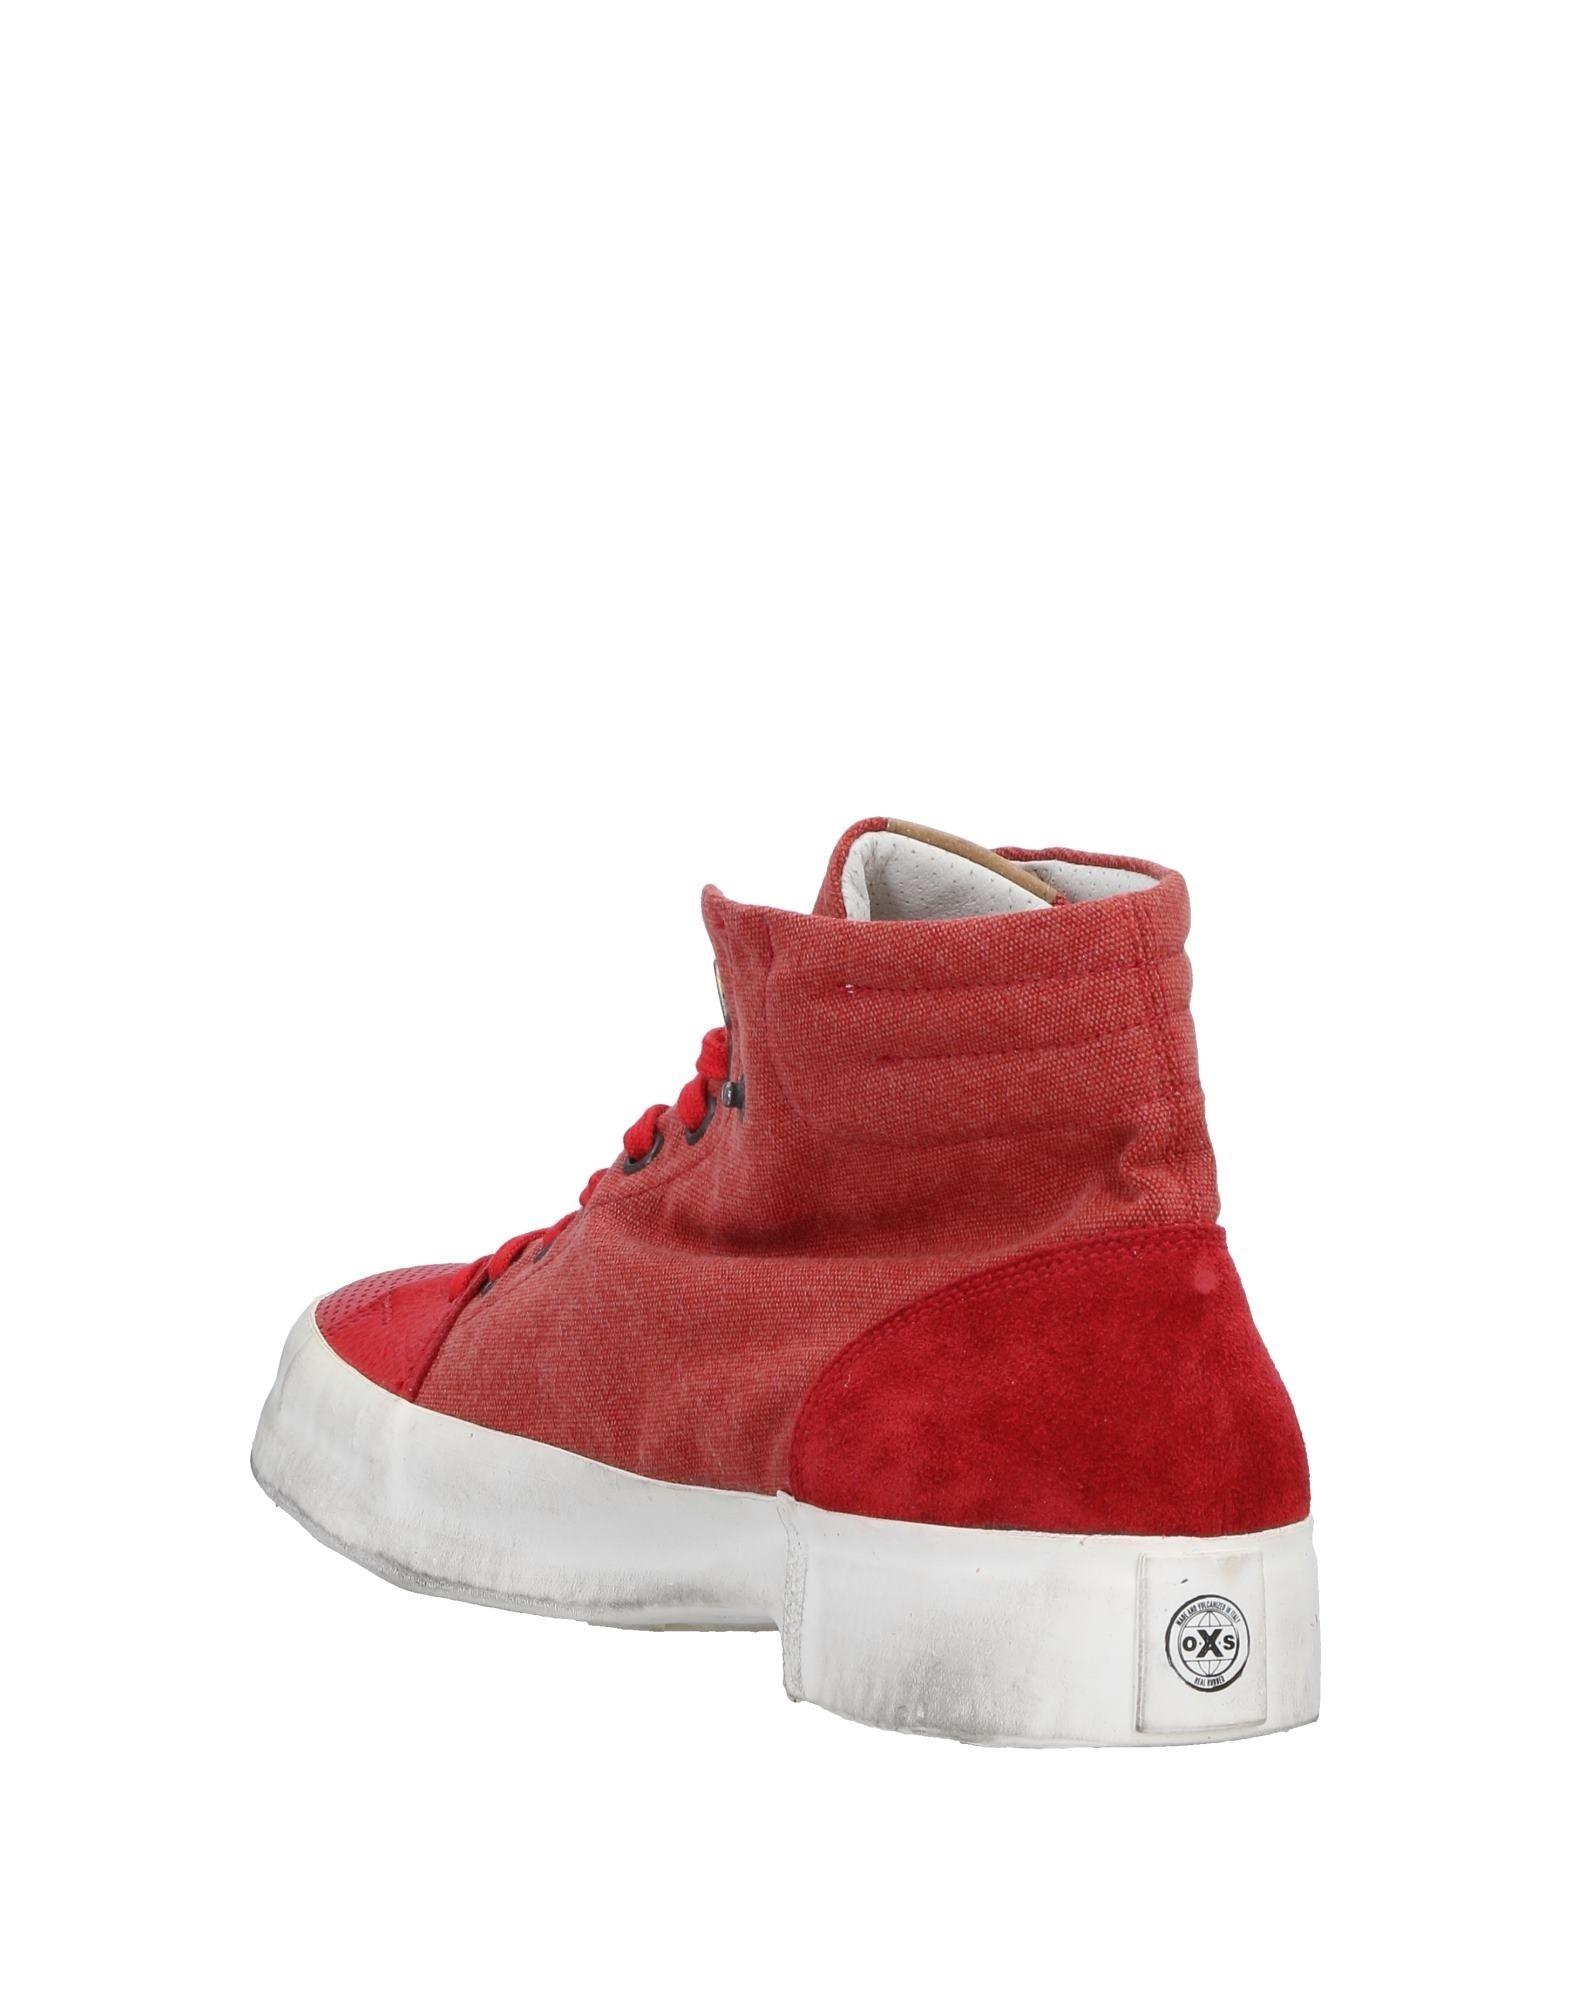 O.X.S. Sneakers Herren beliebte  11533252VV Gute Qualität beliebte Herren Schuhe 797142